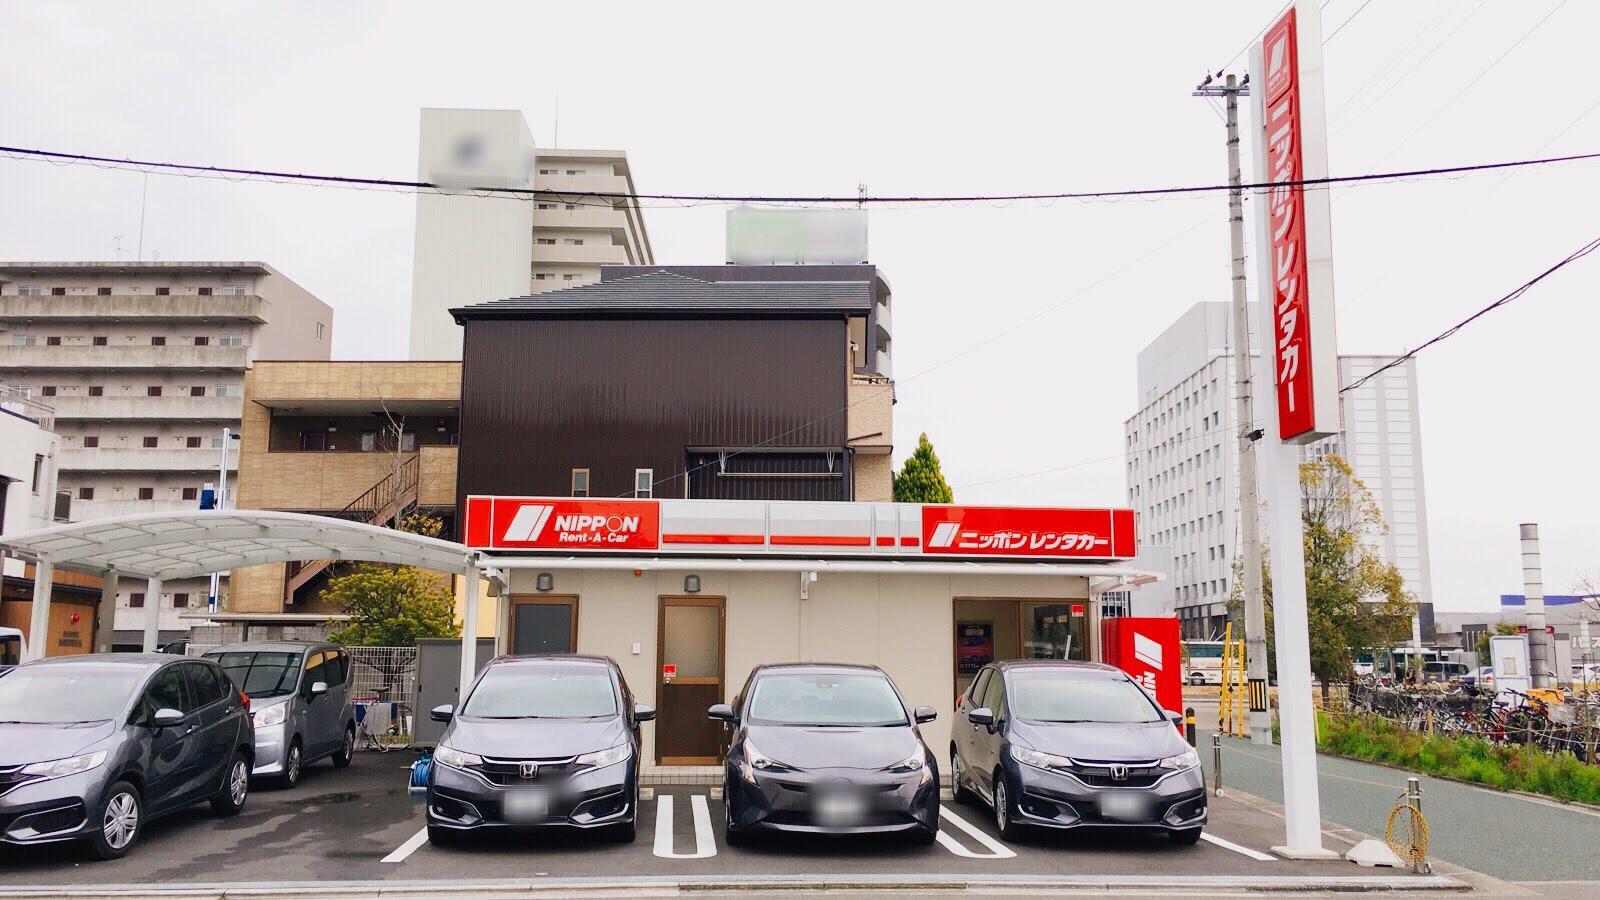 ニッポンレンタカー高知北口営業所